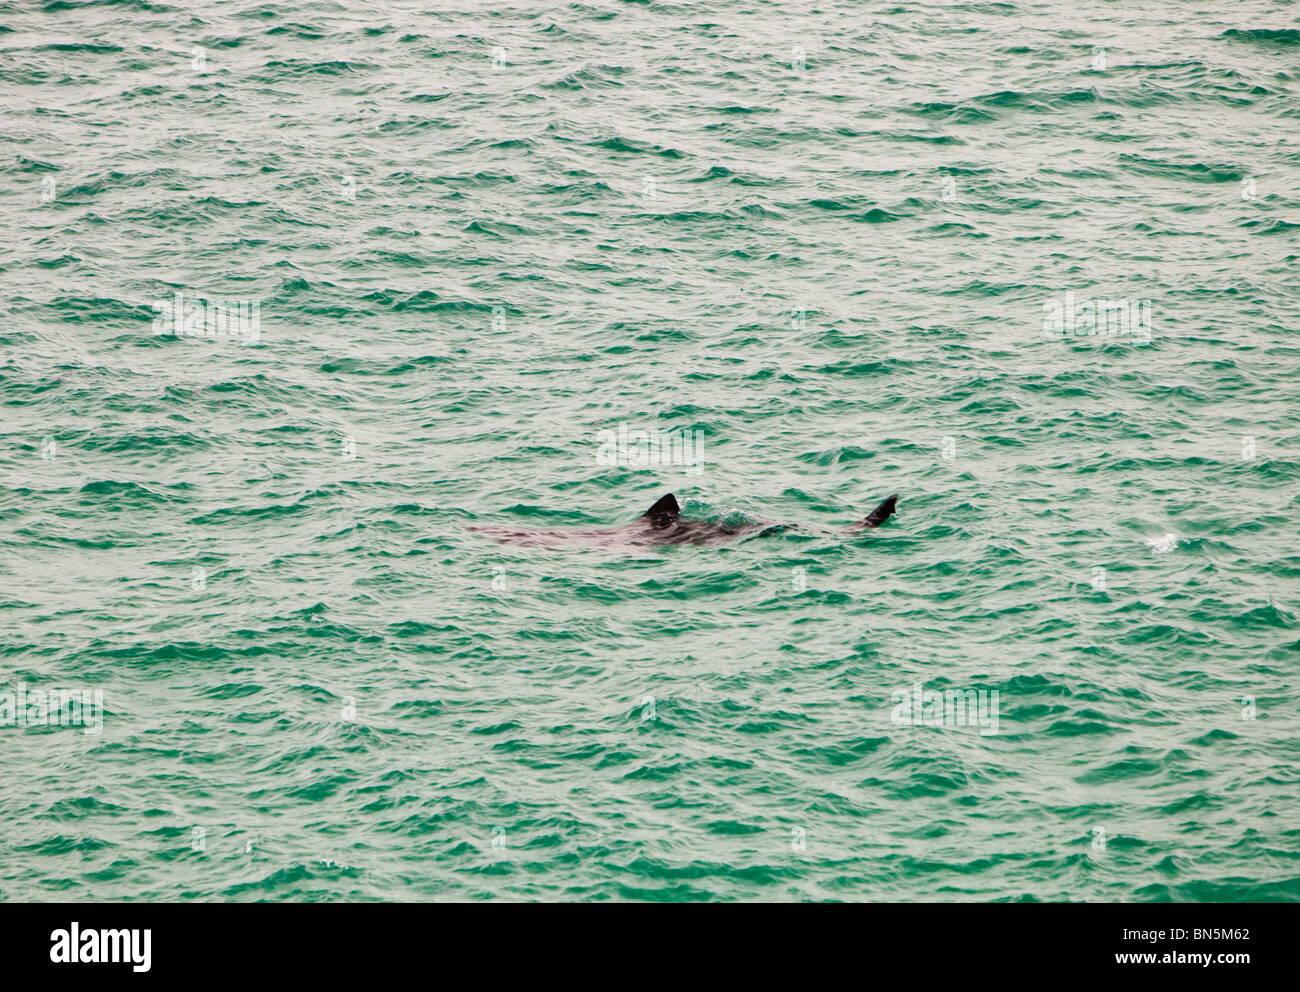 A Basking shark (Cetorhinus maximus) off Porthcurno, Cornwall, UK. - Stock Image